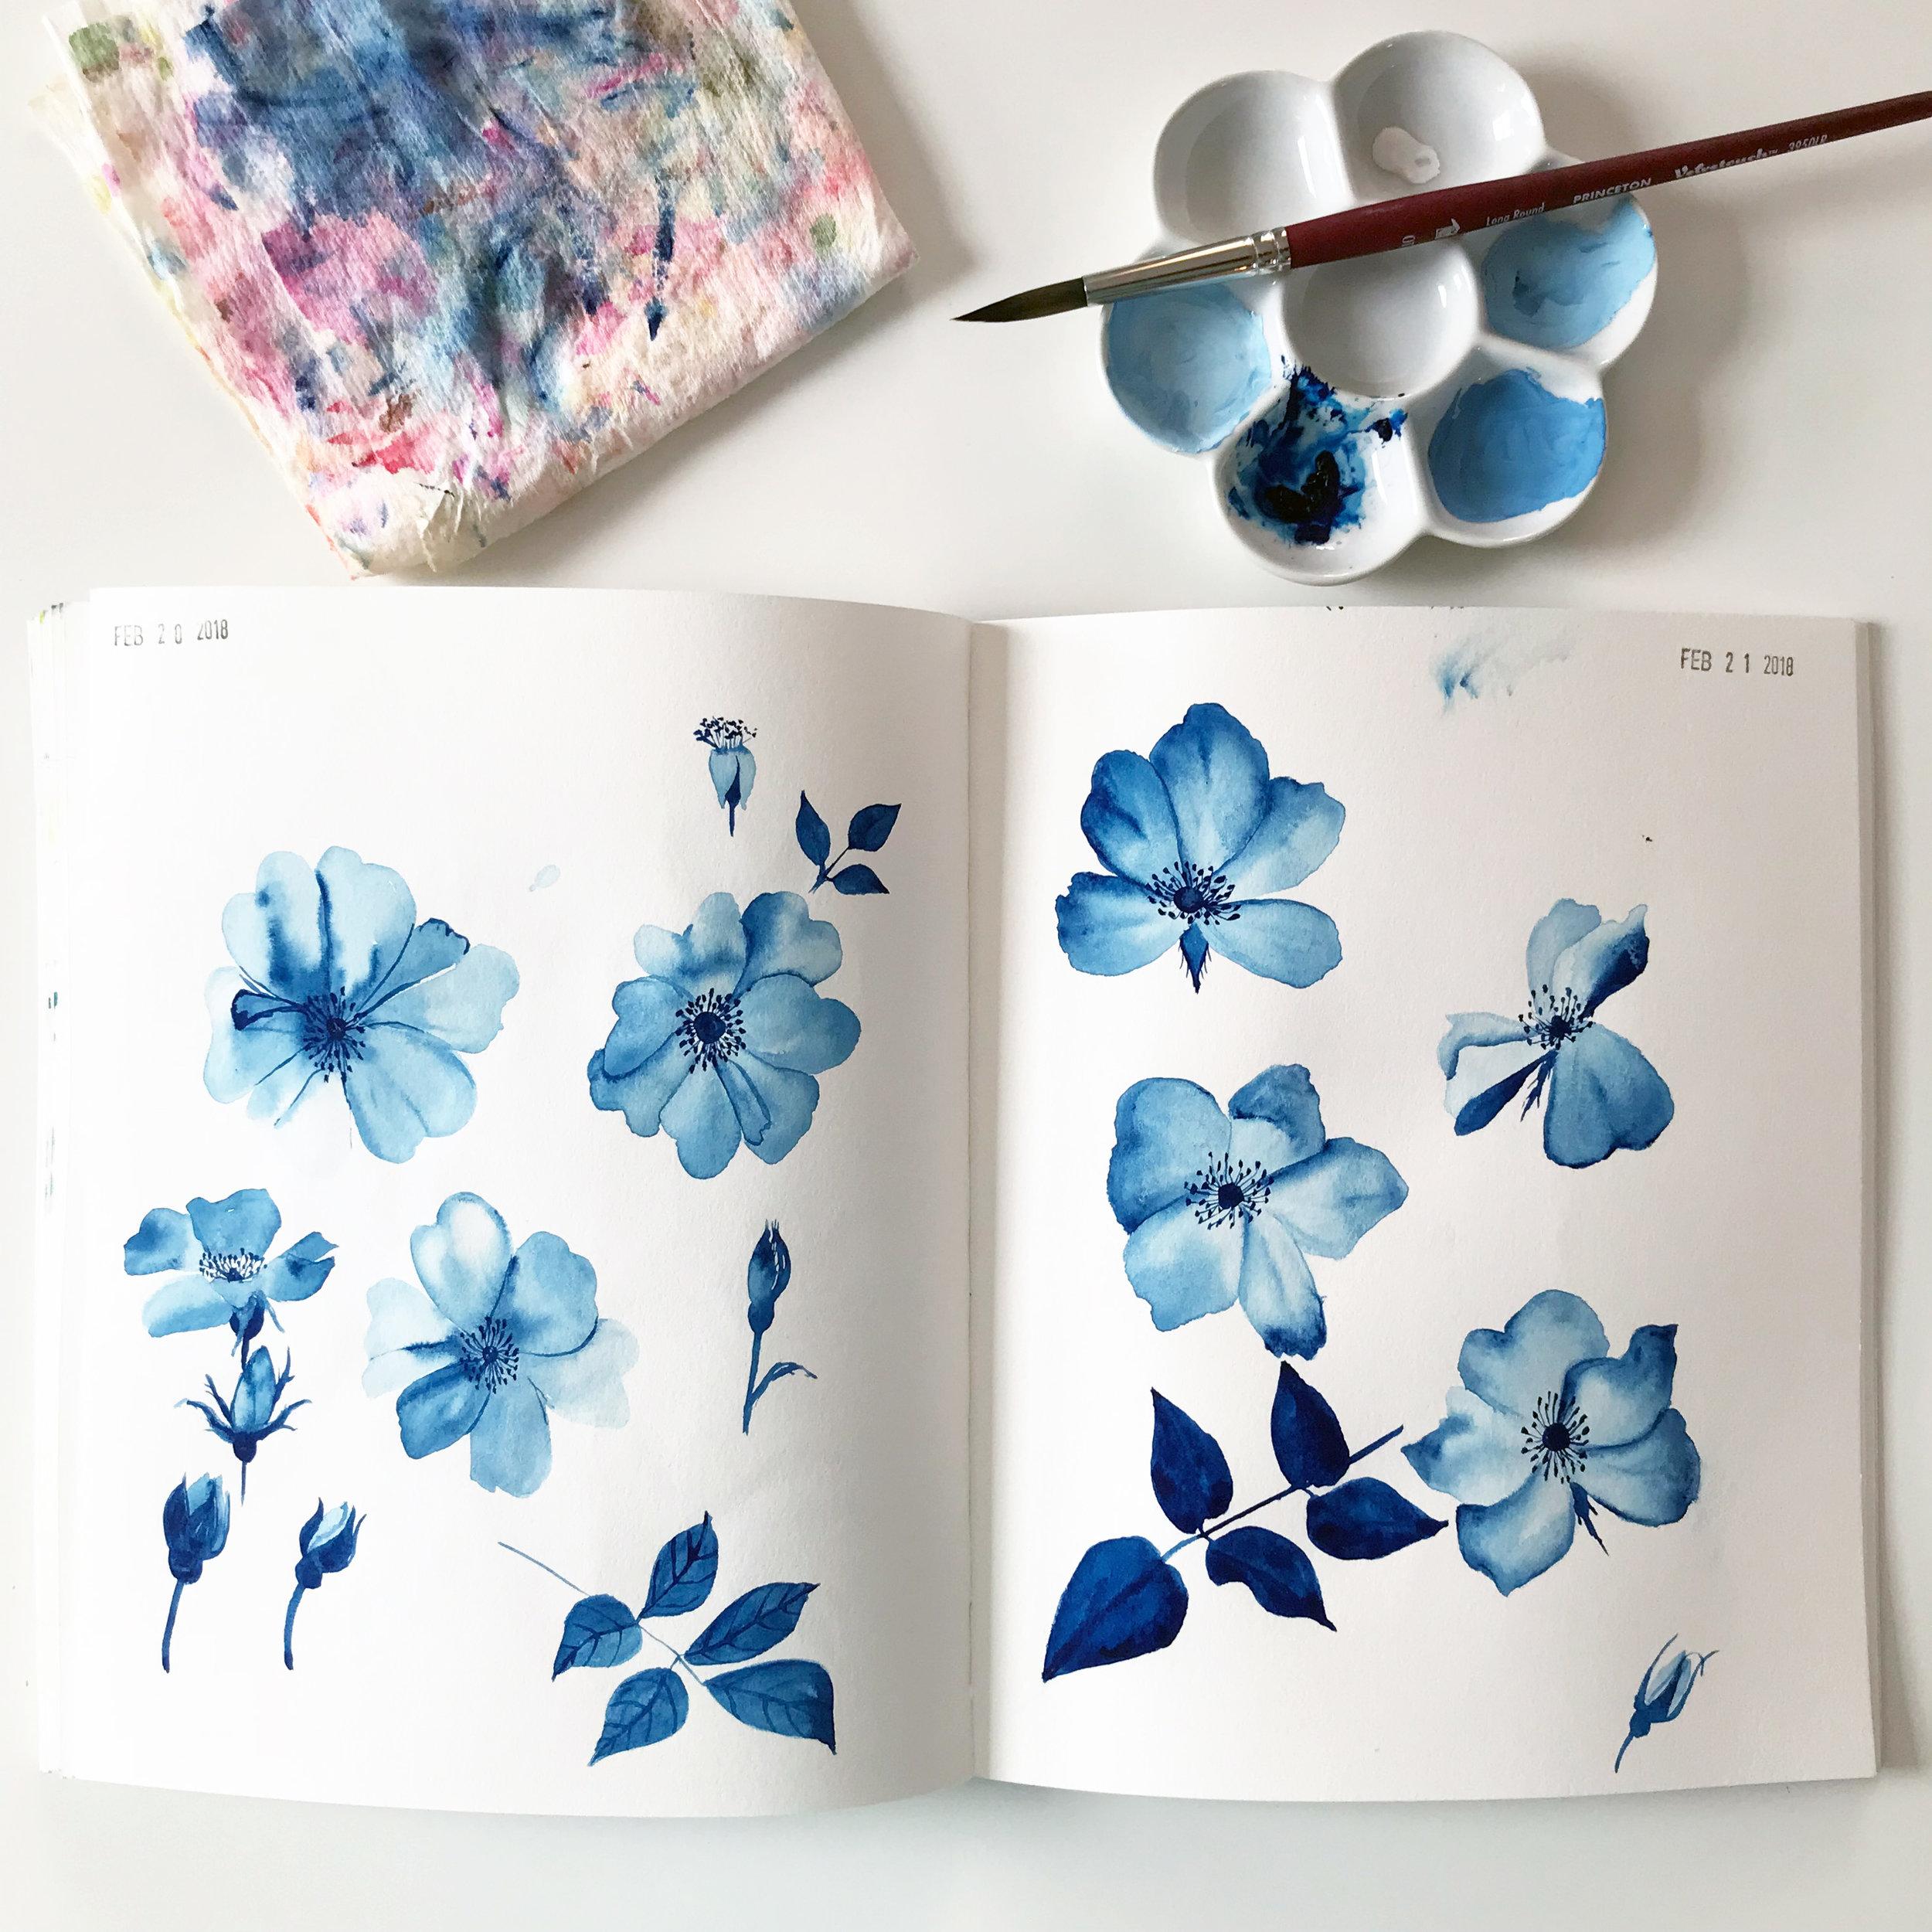 Prussian Blue Gouache Roses in Anne Butera's Sketchbook